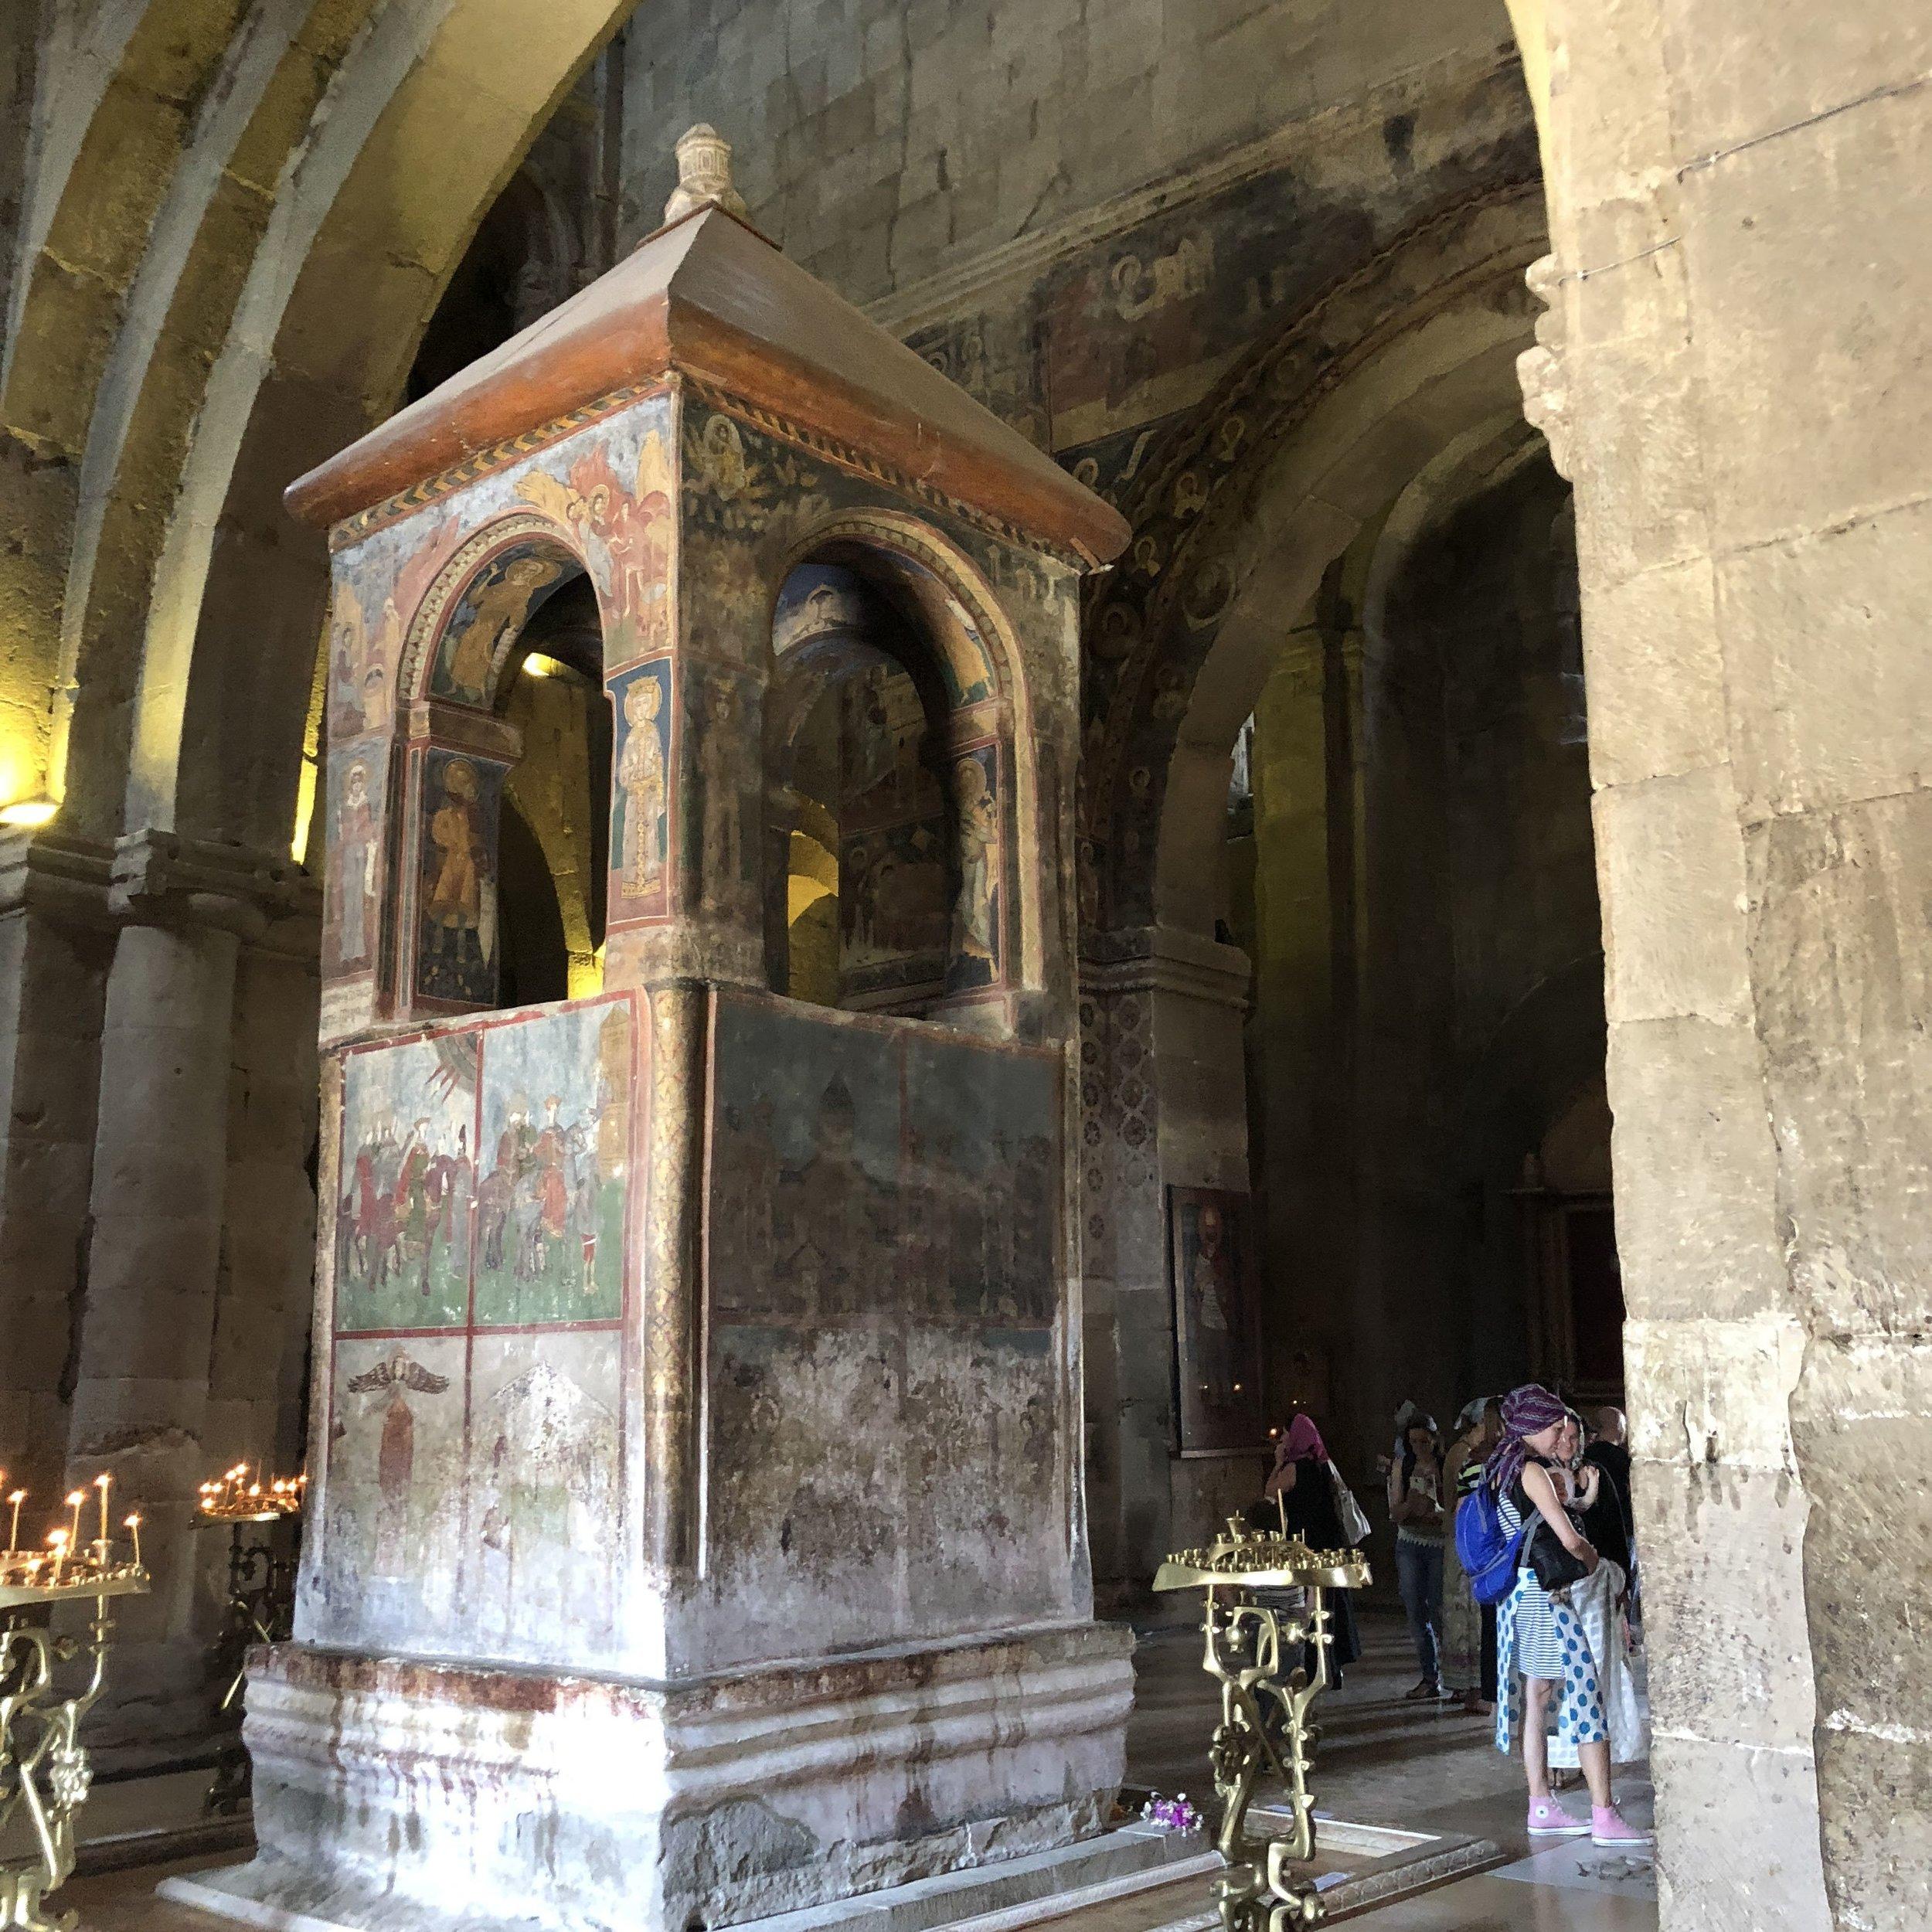 Místa kde vznikala evropská kultura. Mtskheta v Gruzii je označované za svaté město-založeno 5 století před Kristem. Datují se tam začátky ortodoxní křesťanství - na fotce je objekt - kazatelna stará cca 2500 let. -